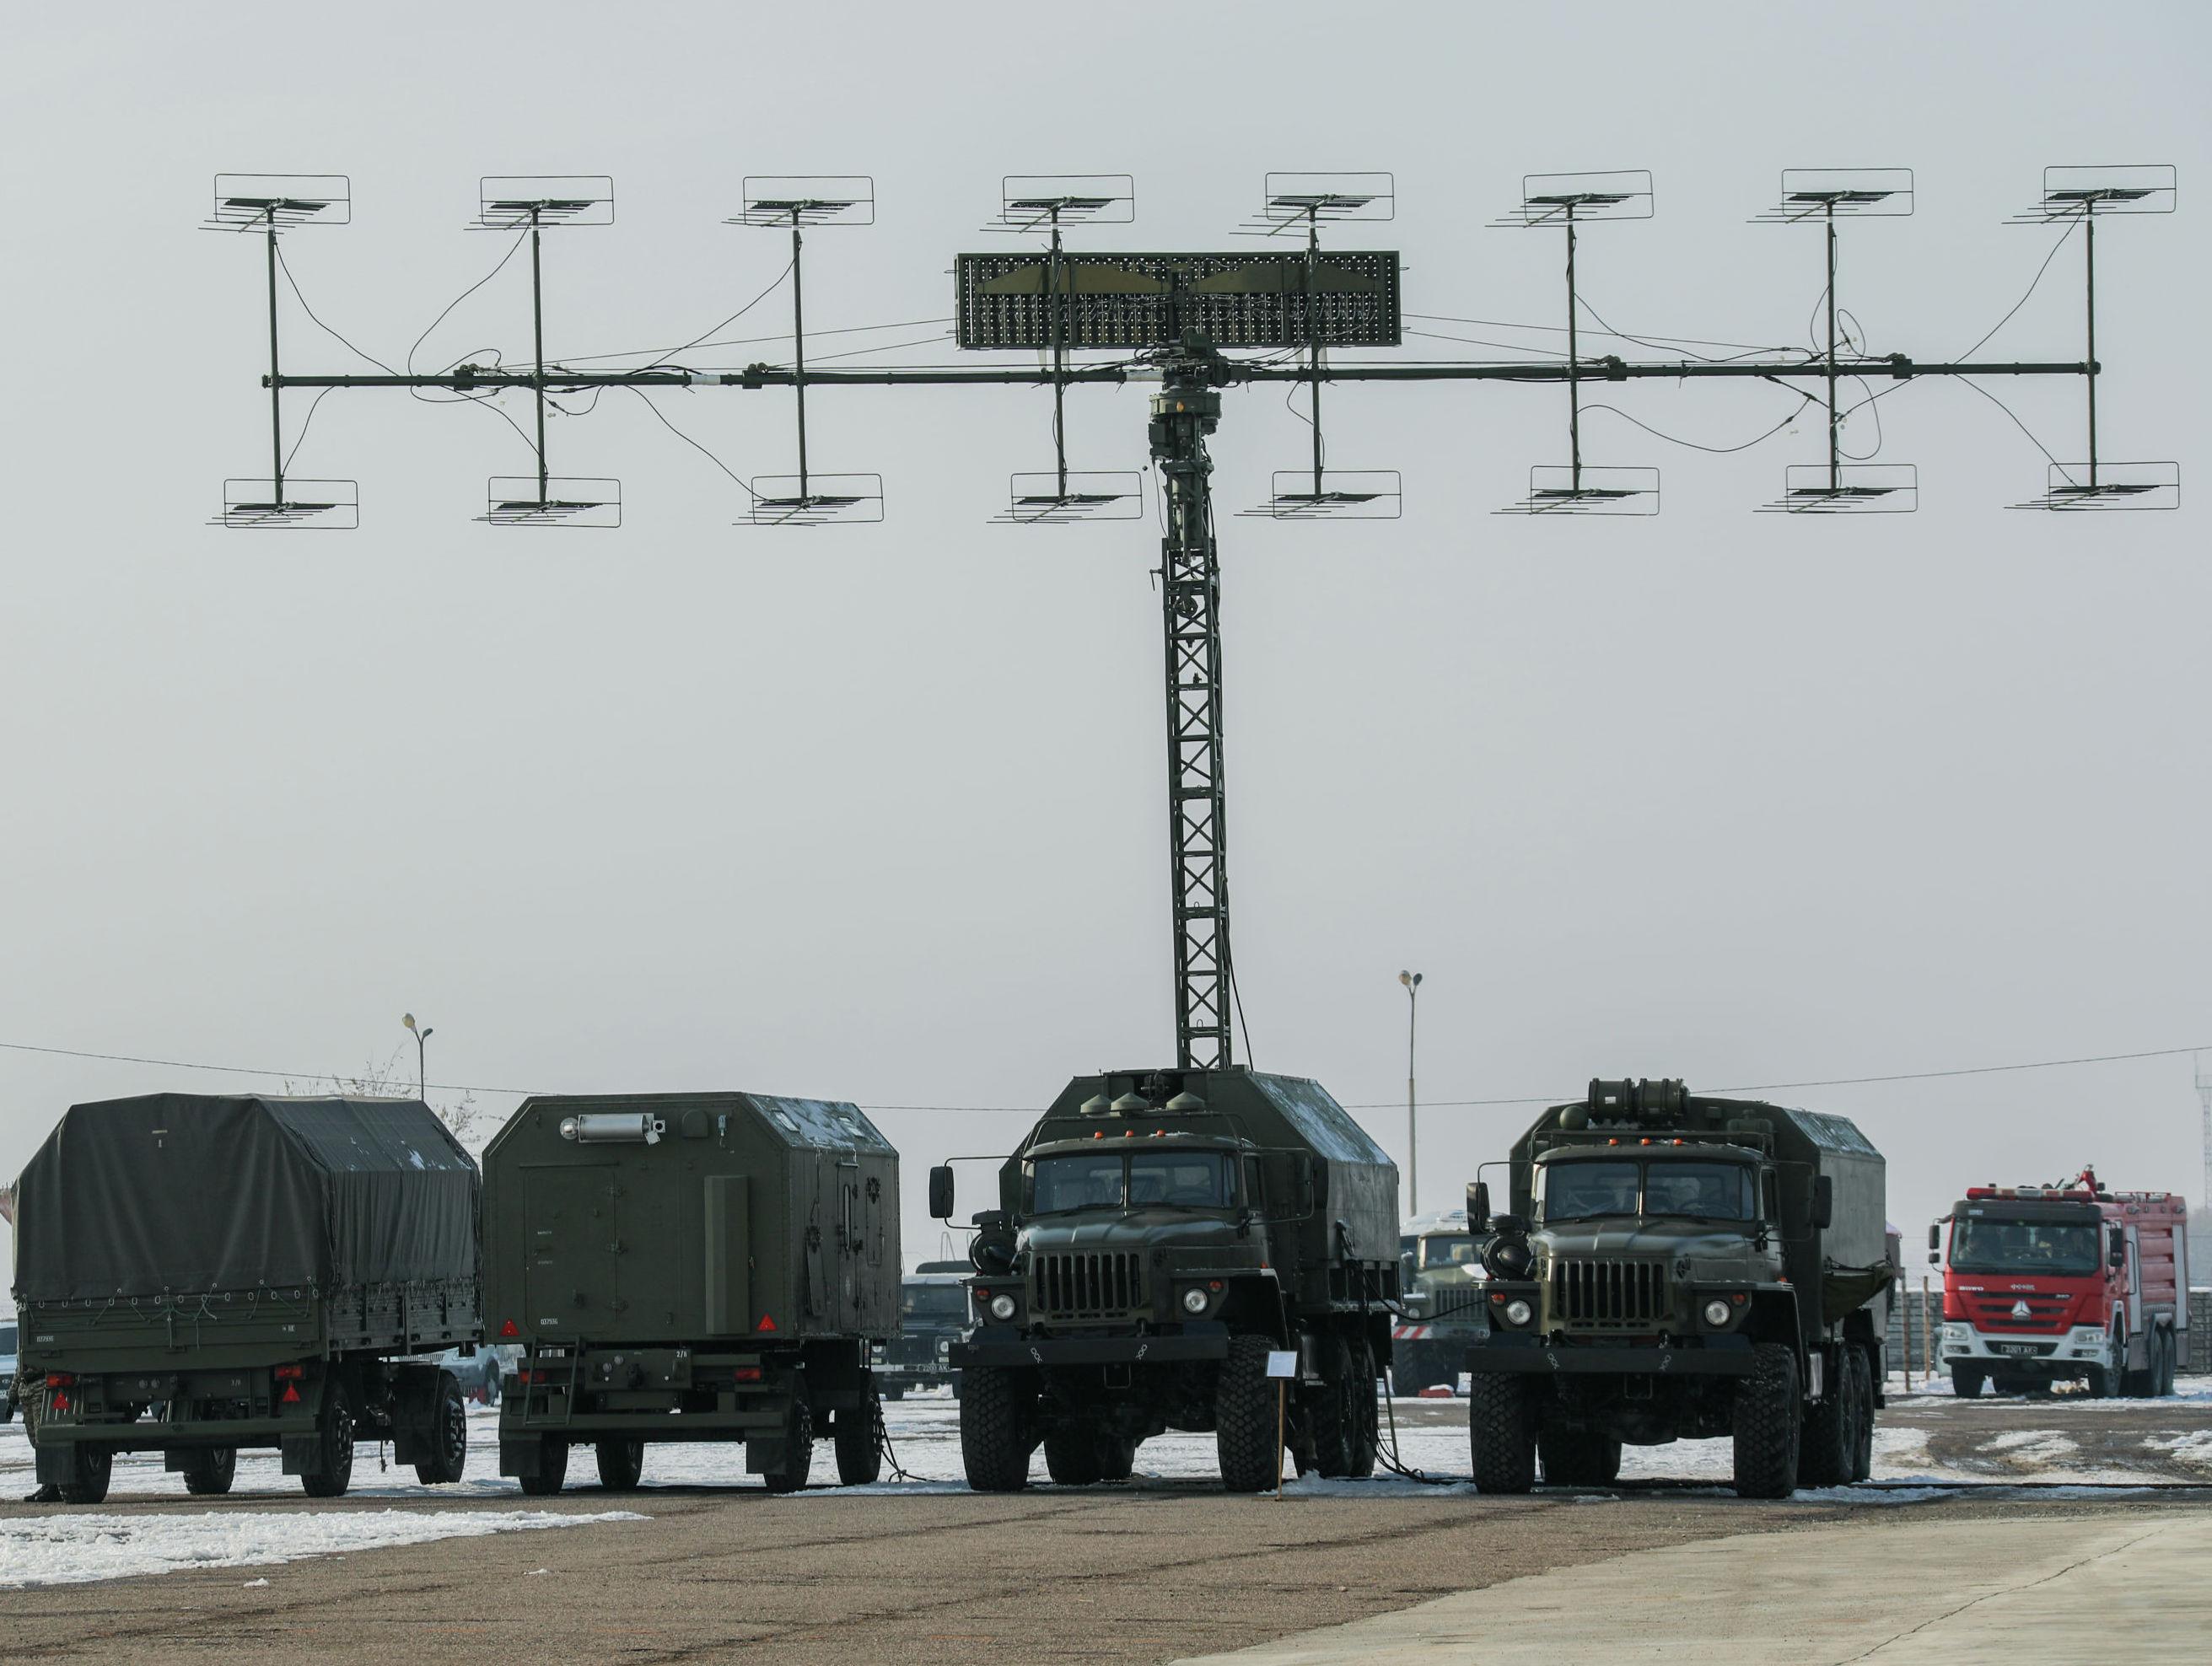 Торжественная церемония приема-передачи радиолокационной станции П-18 на территории авиационно-технической эксплуатационной части Сил воздушной обороны Вооруженных сил КР в Канте.